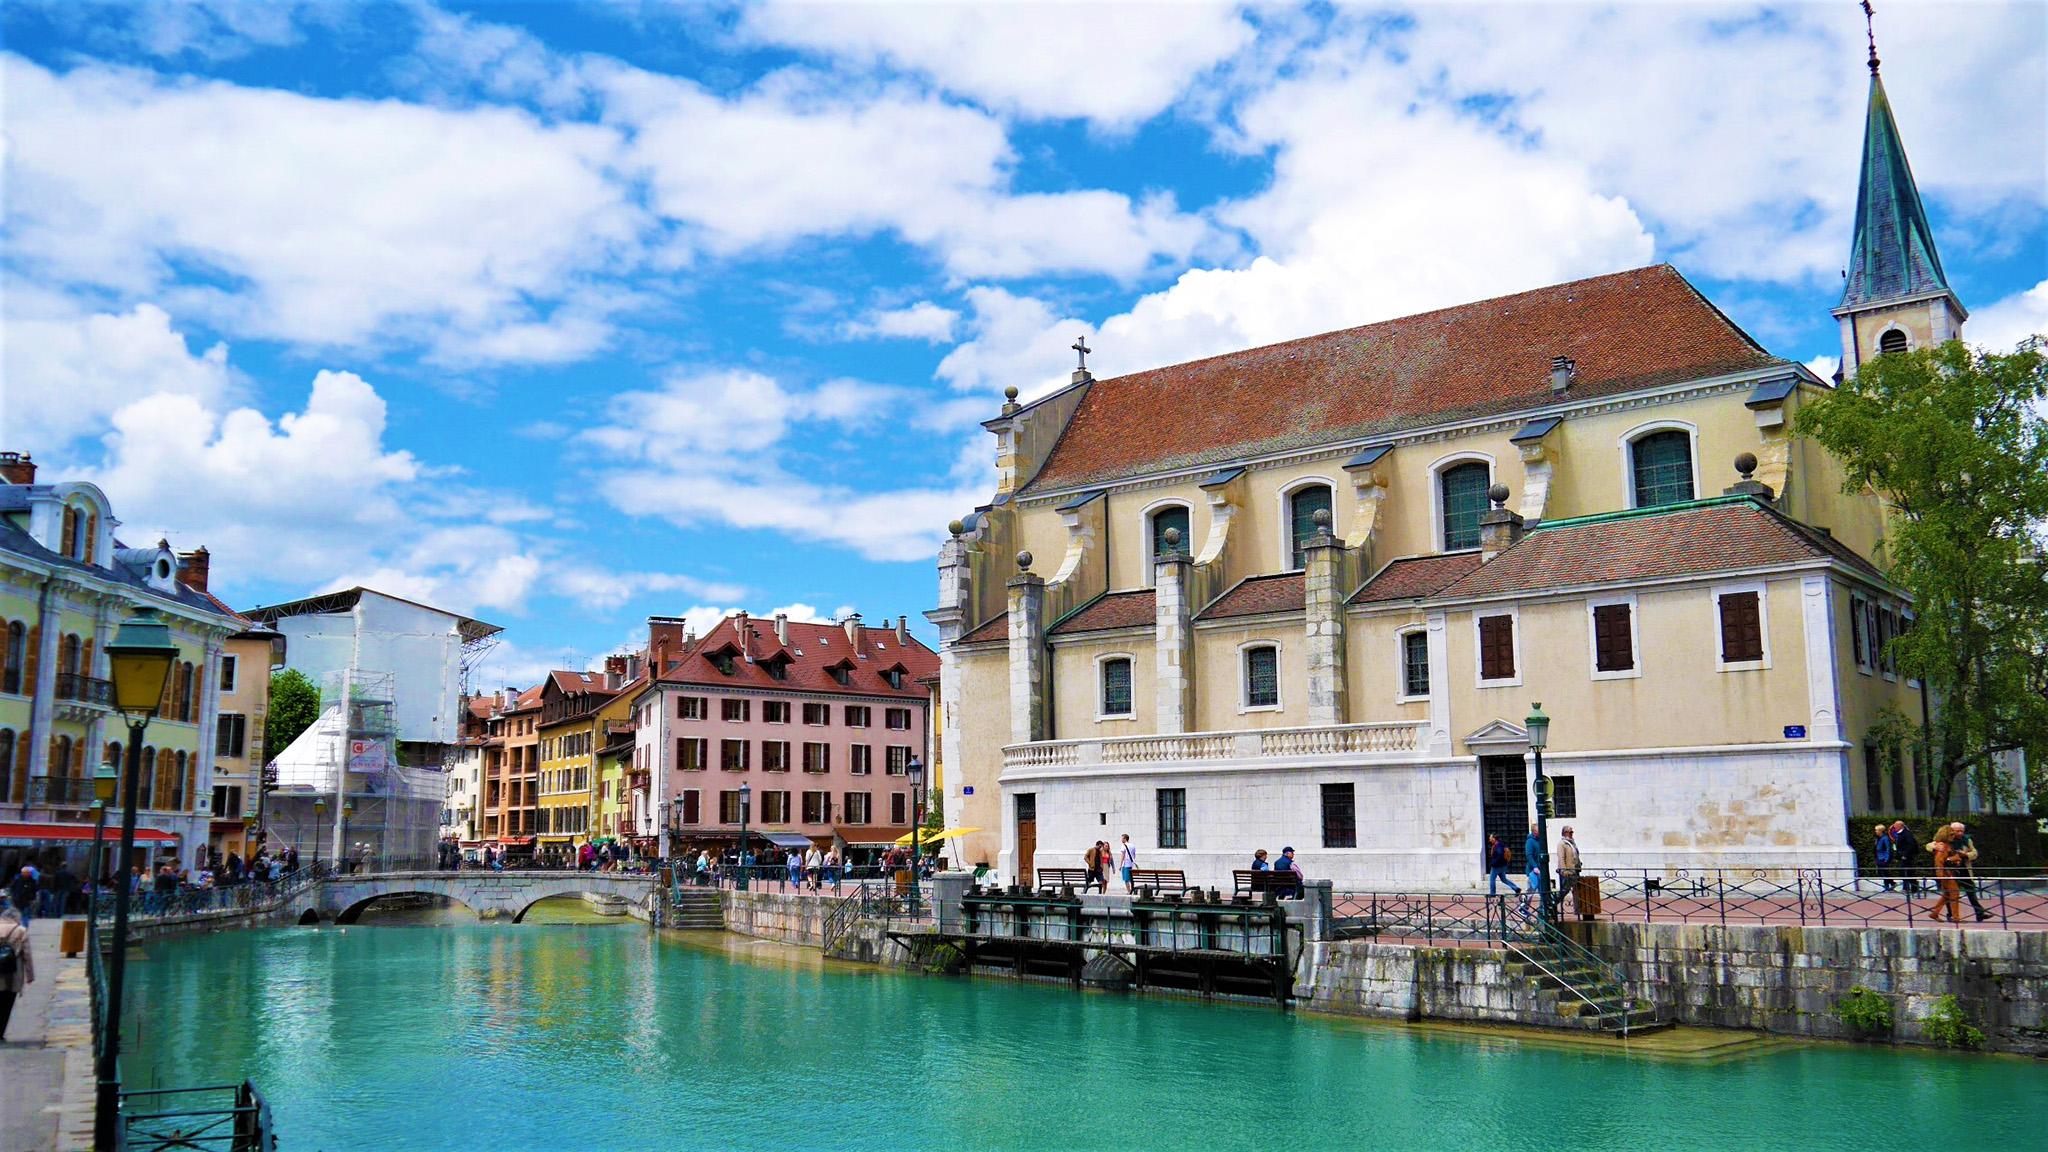 kt_2020_370_Keytours_excursions_Swisstours_annecy_eglise_saint-françois_de_sales1_2048_10